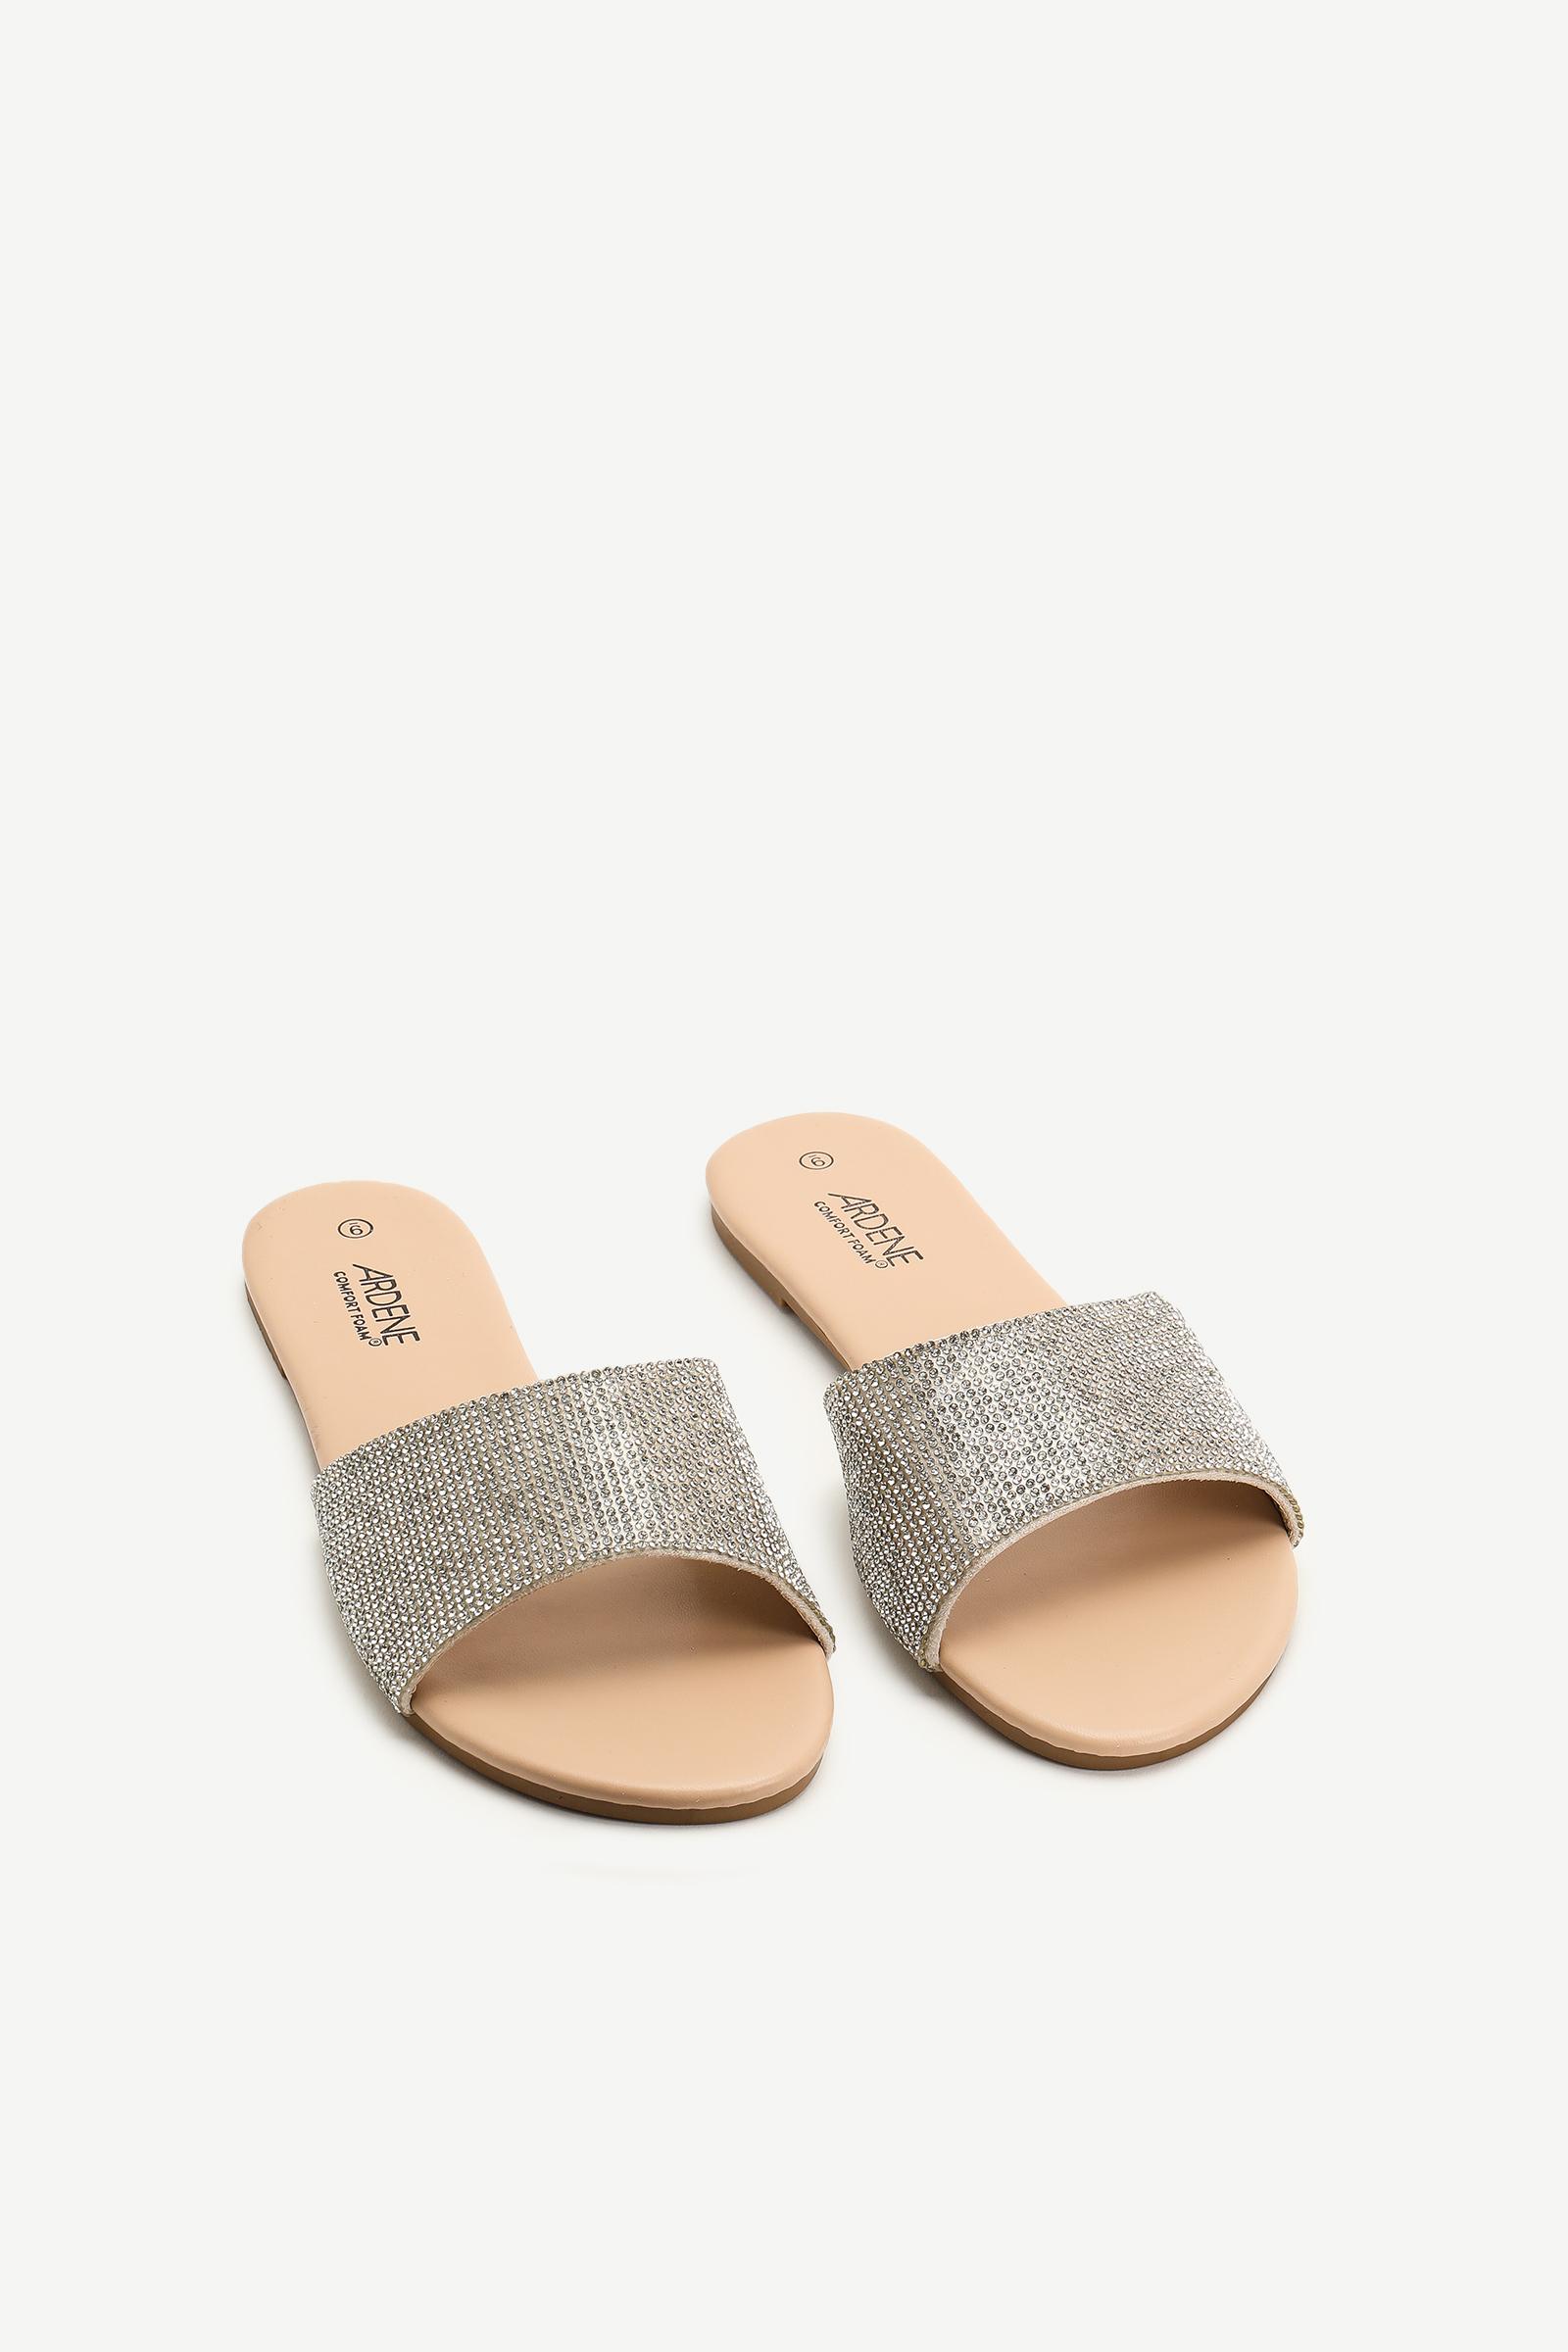 Sandales glissières à cristaux